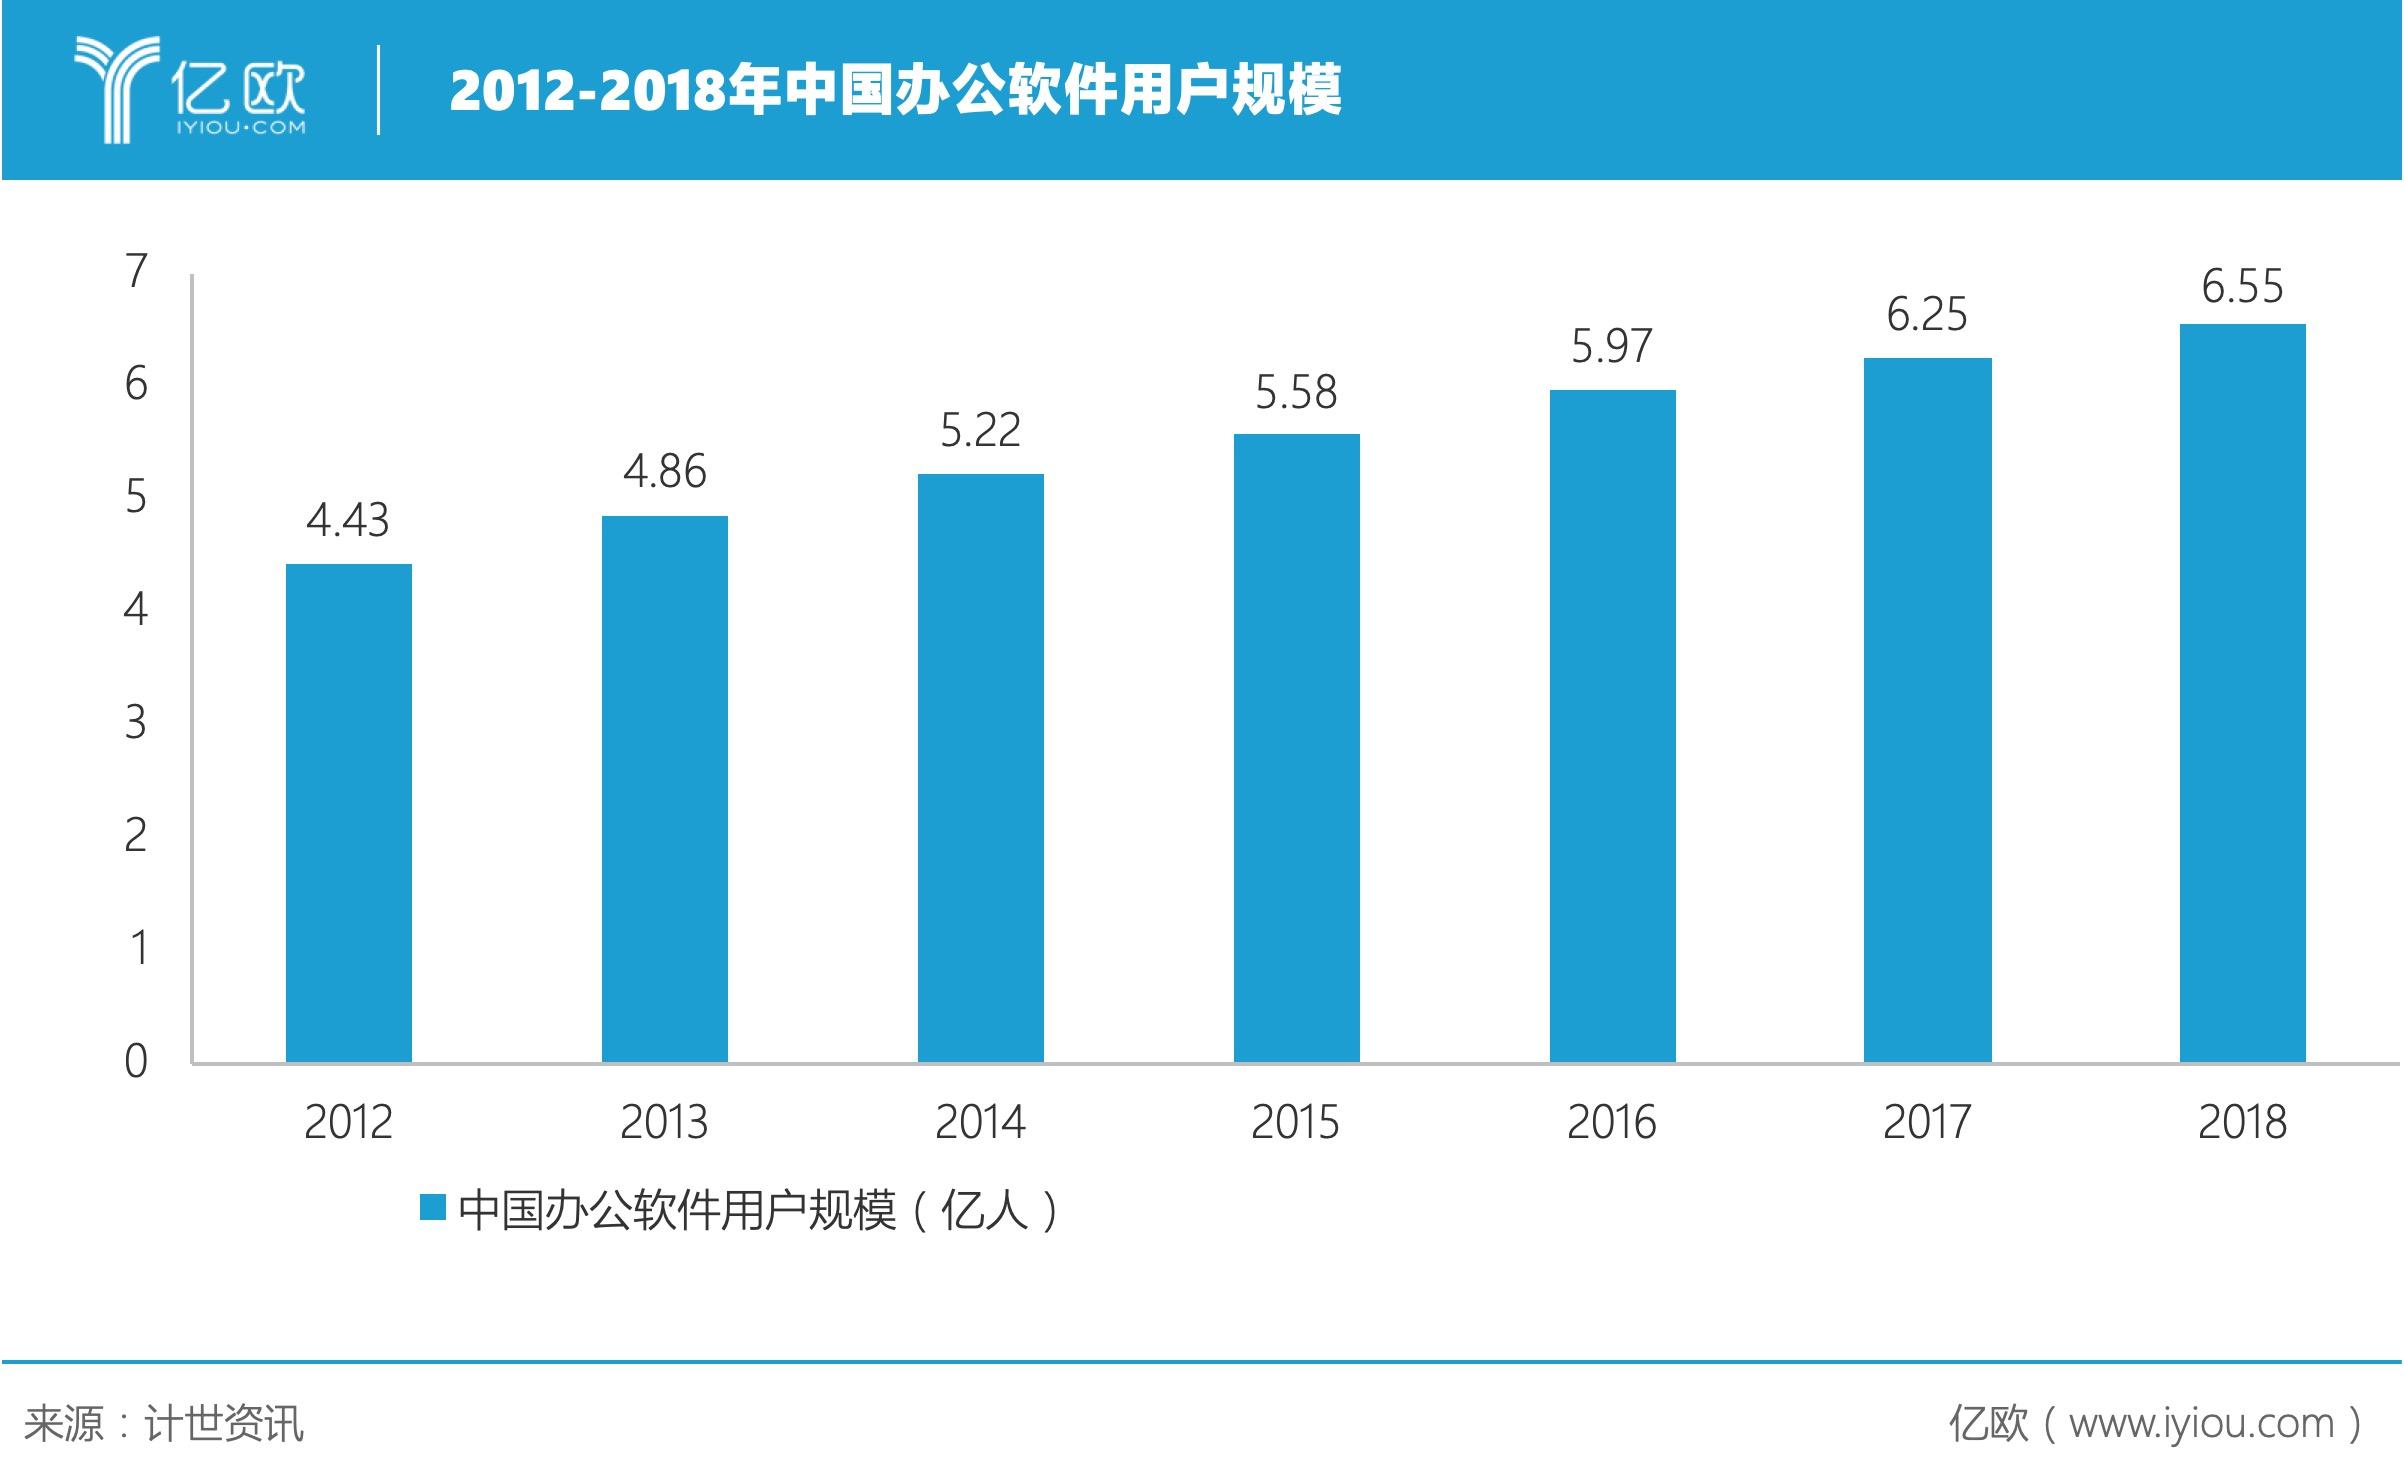 2012-2018年中国办公软件用户规模.jpeg